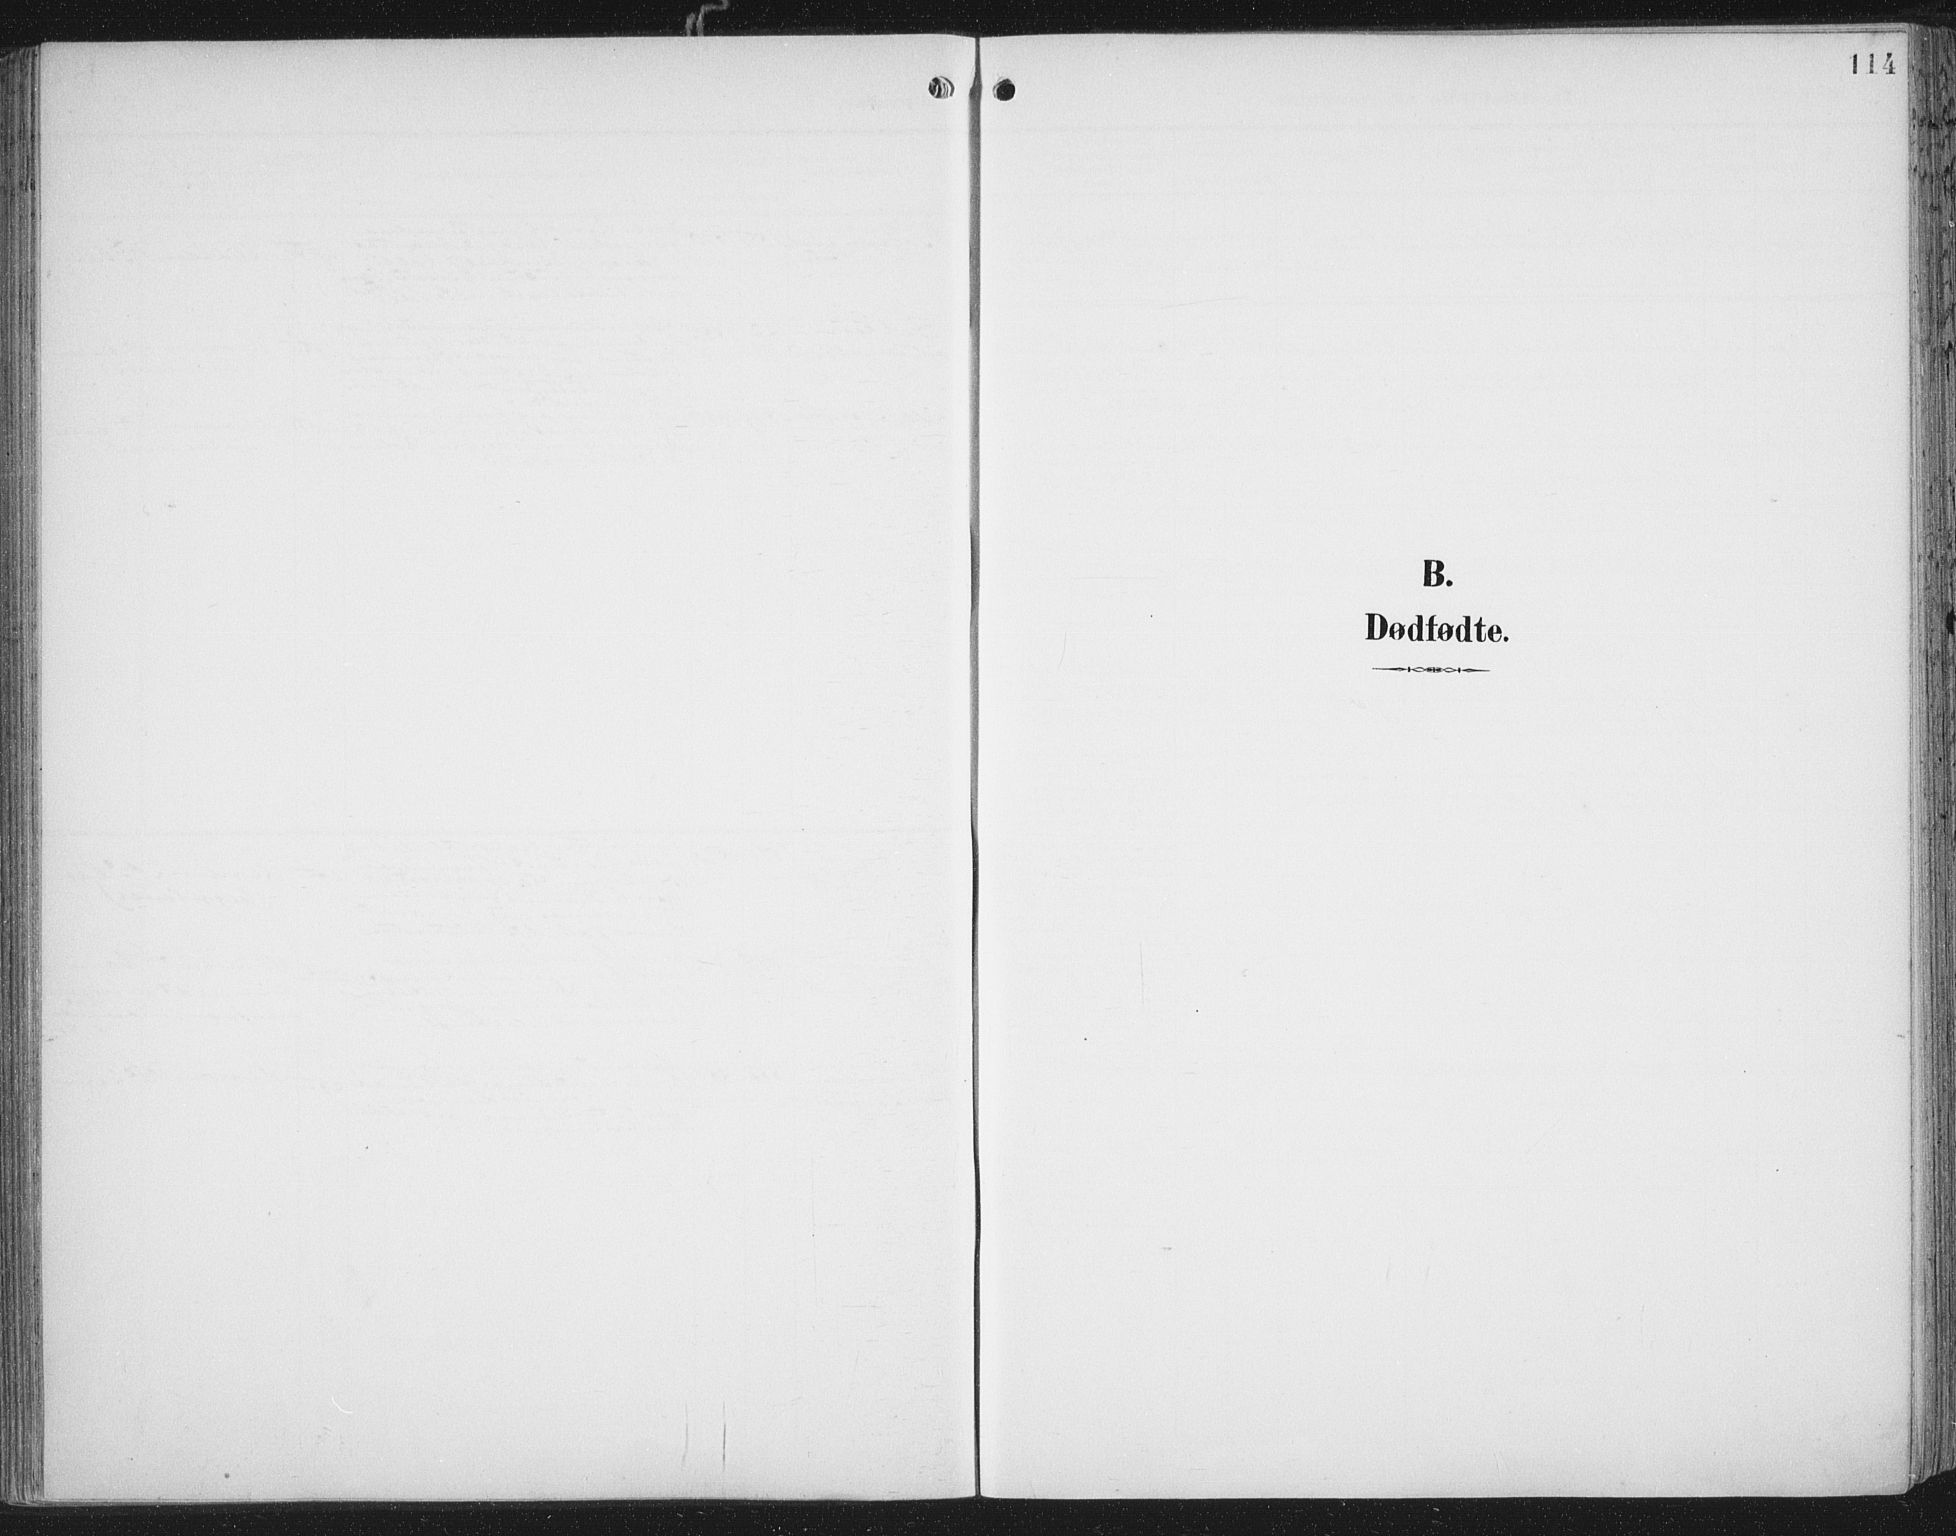 SAT, Ministerialprotokoller, klokkerbøker og fødselsregistre - Nord-Trøndelag, 701/L0011: Ministerialbok nr. 701A11, 1899-1915, s. 114